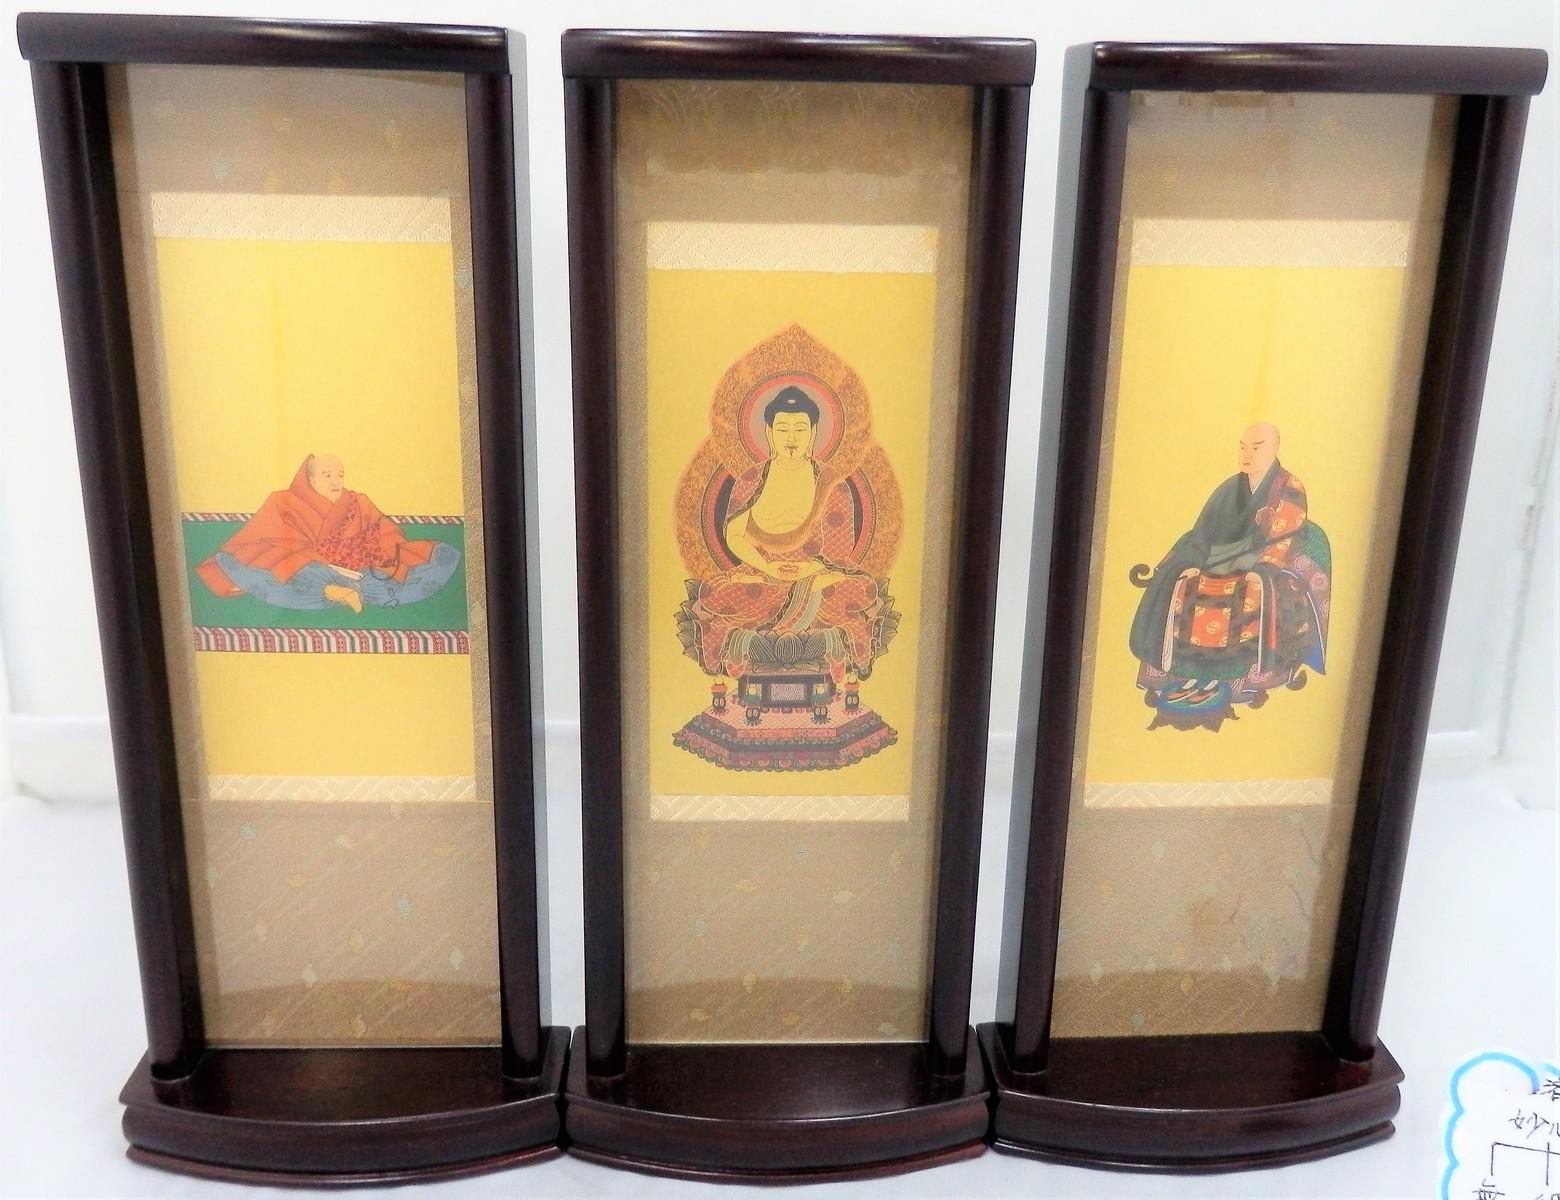 臨済宗妙心寺派 置き軸三幅紫檀 中